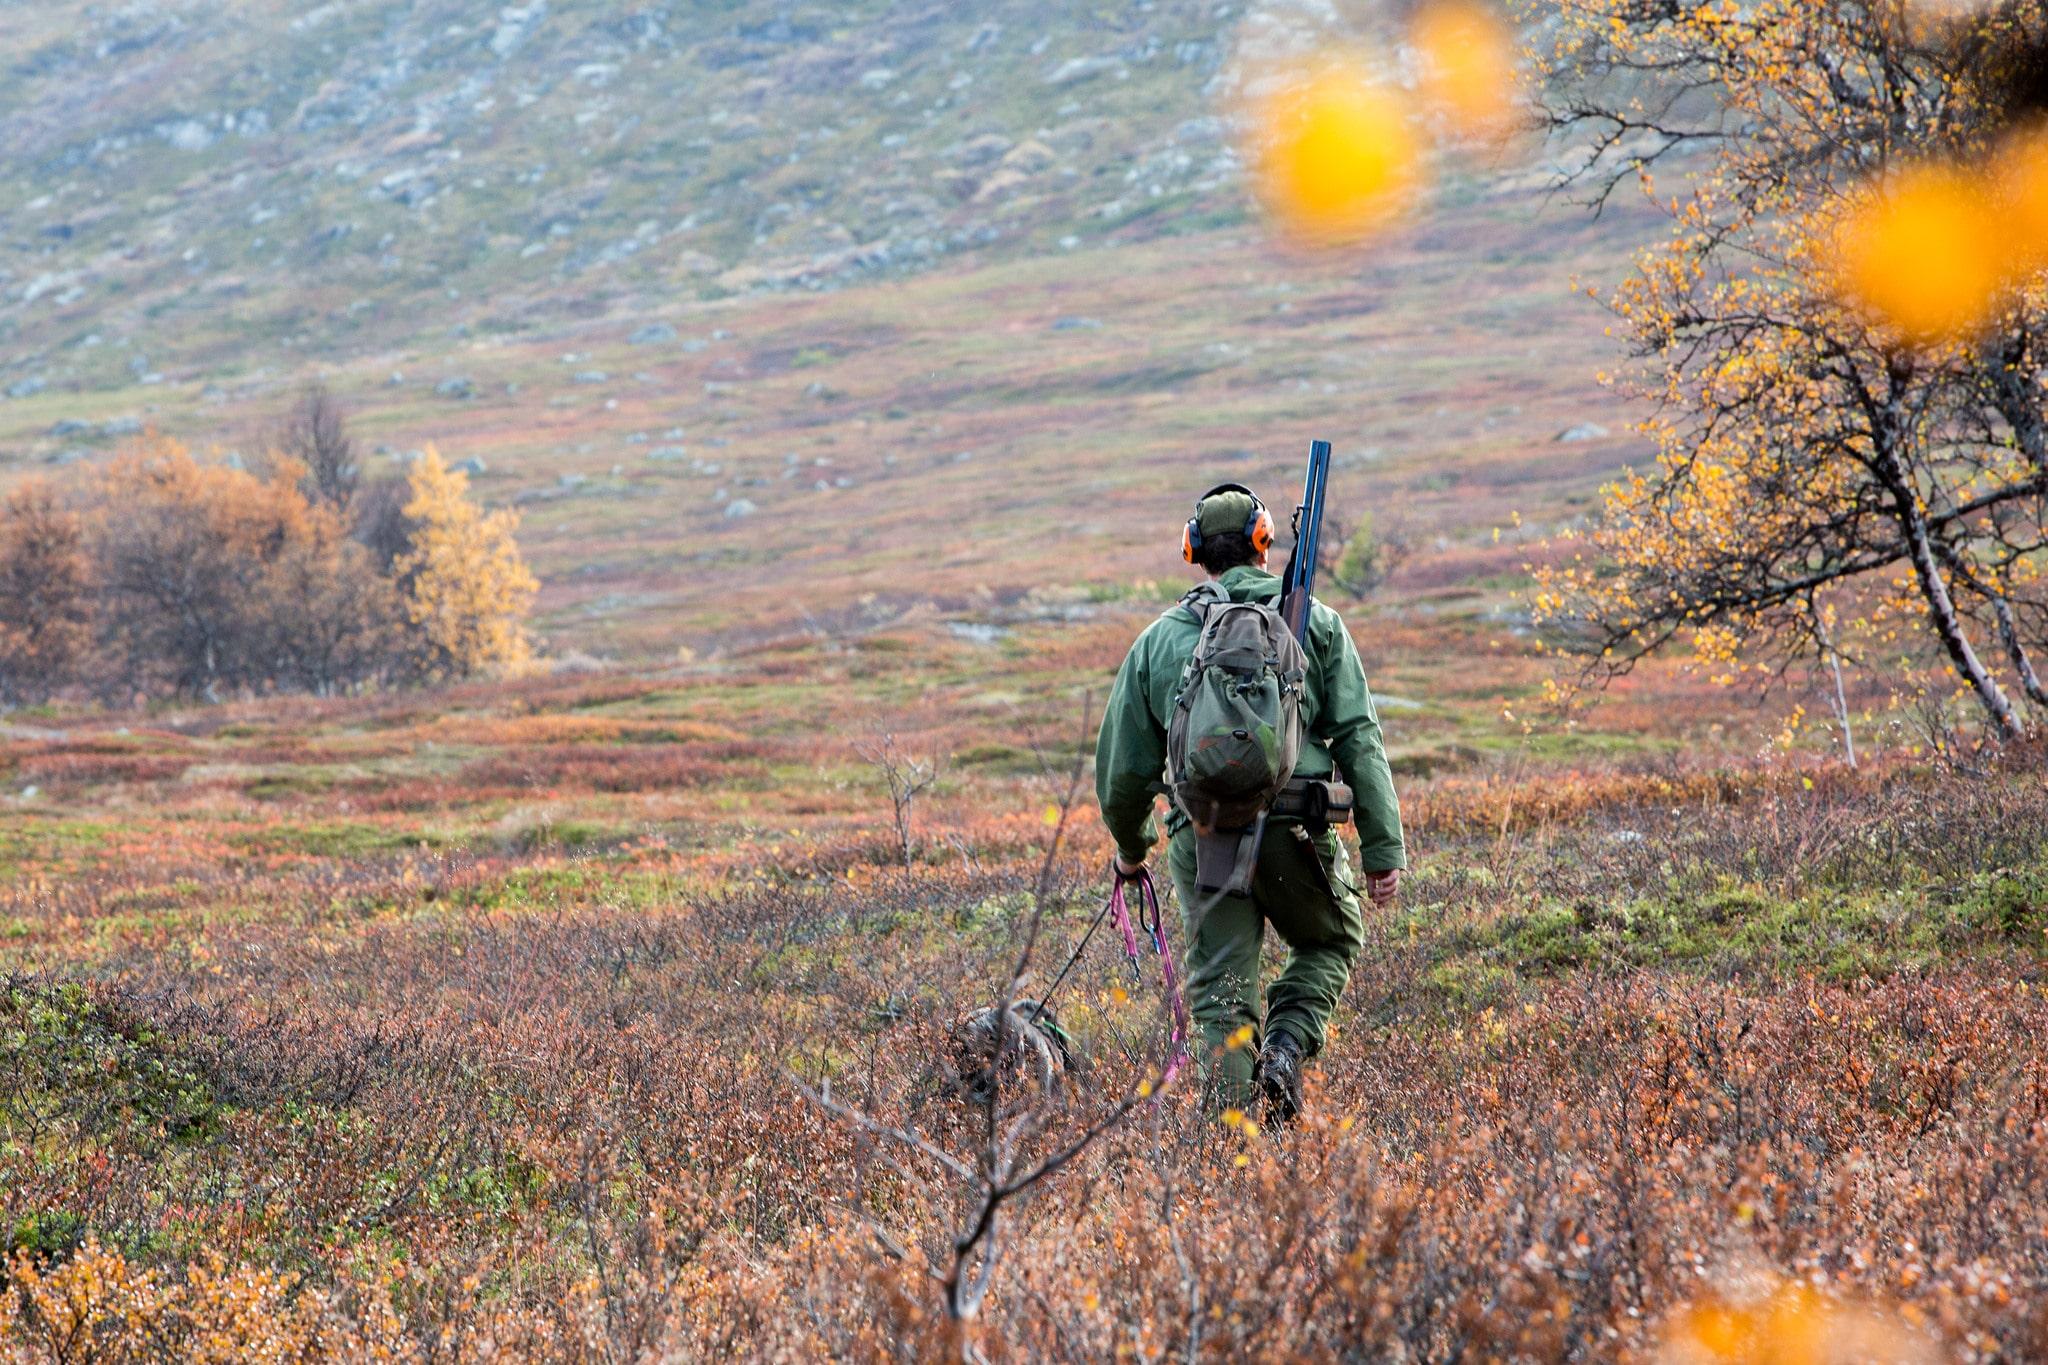 Småviltjakten stör renskötseln. Men älgjakten gör det inte, anser länsstyrelsen i Jämtlands län.